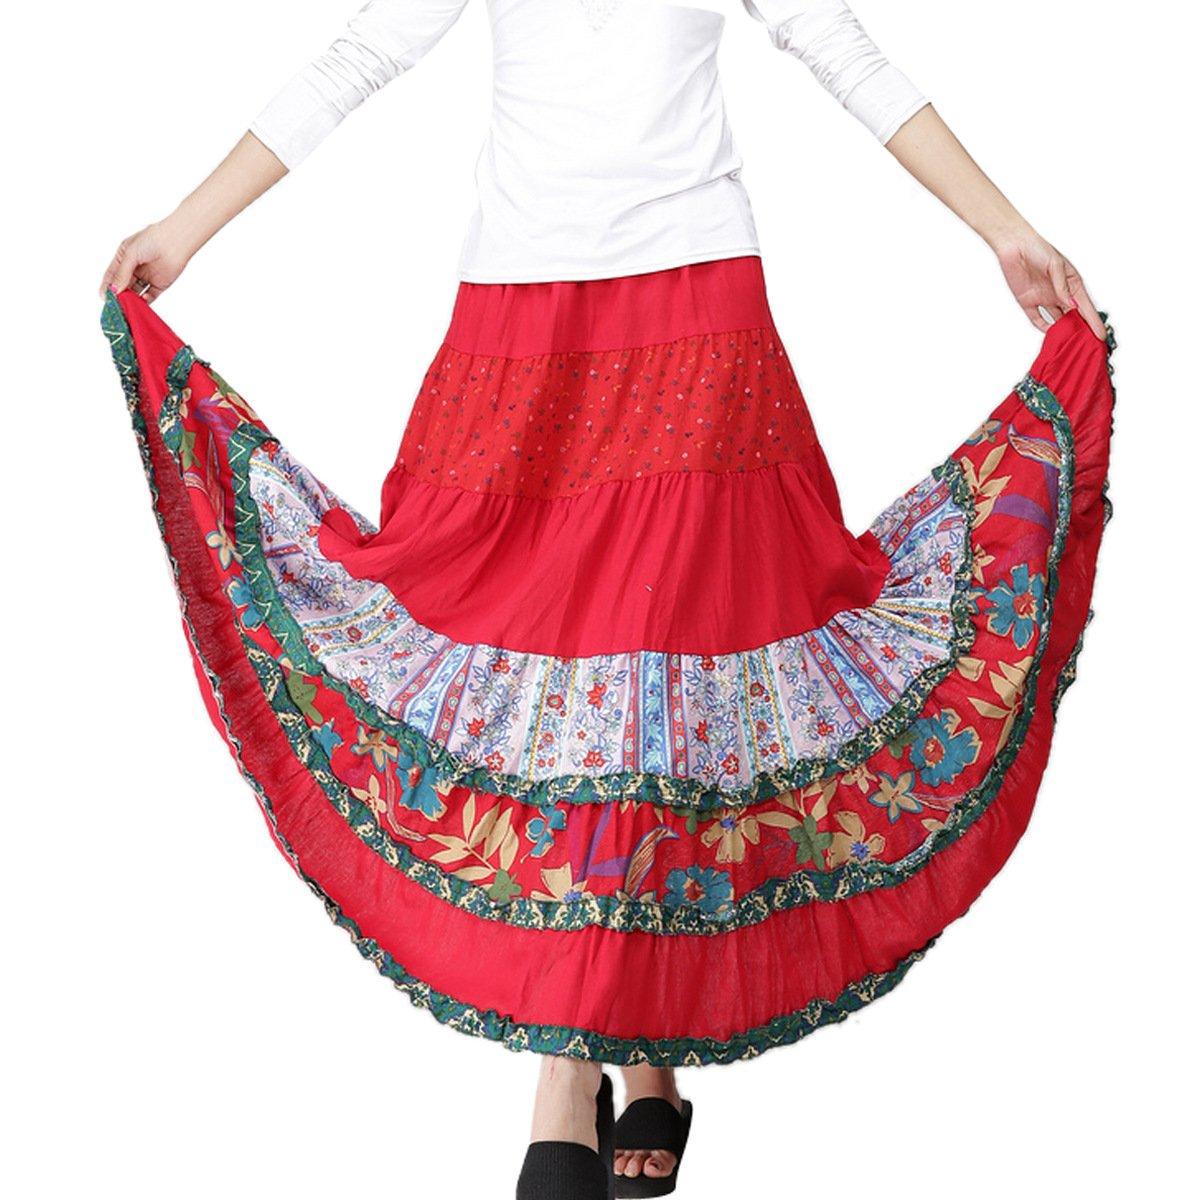 d4fd80bed FEOYA - Falda - para Mujer Rojo Talla única: Amazon.es: Ropa y ...